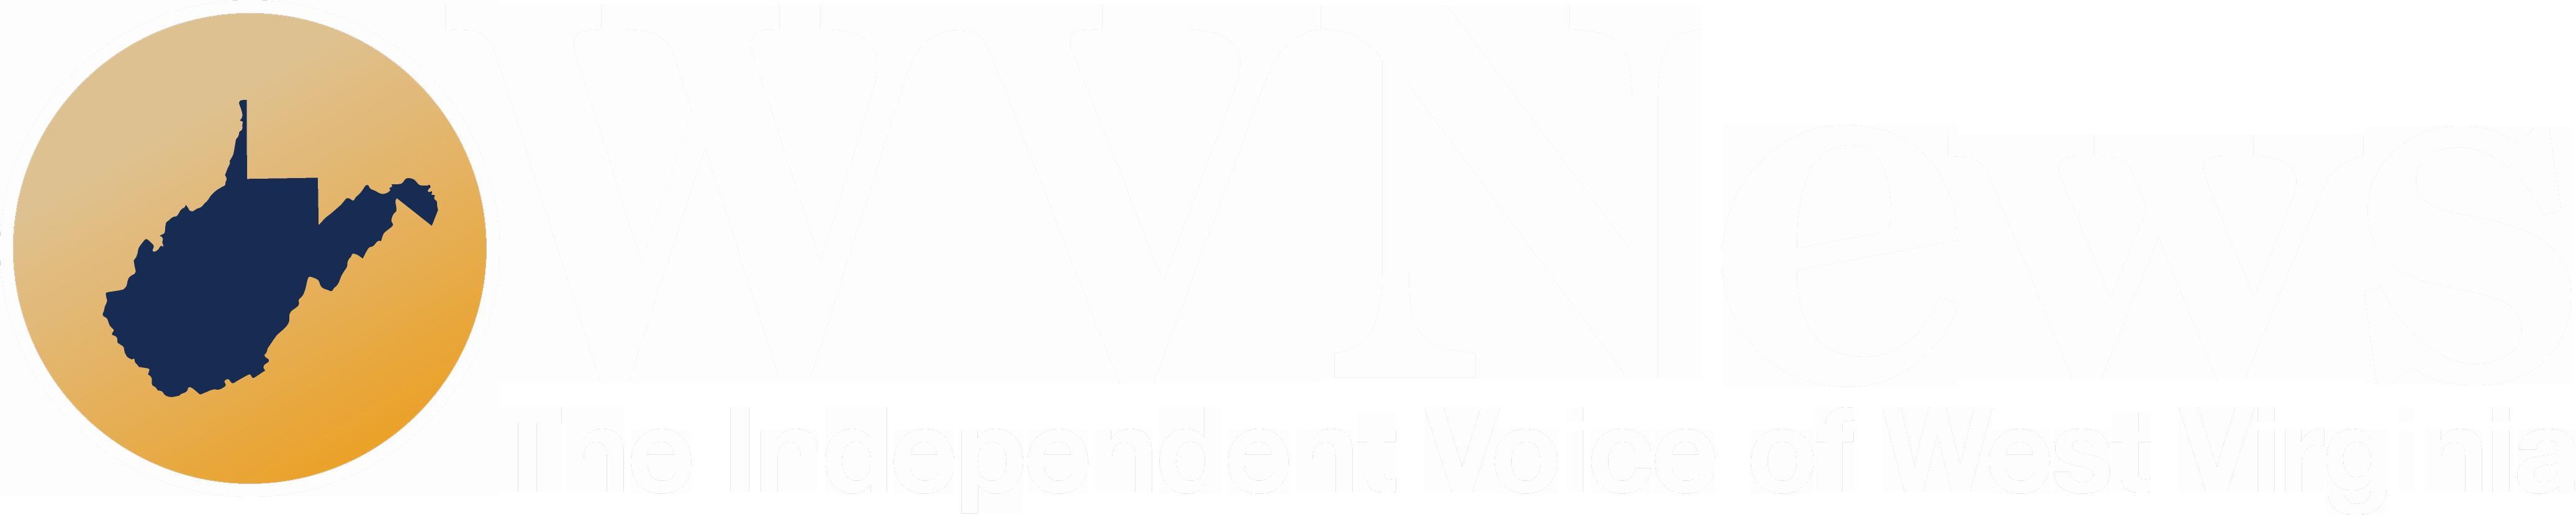 WV News - Wvnewsweekly